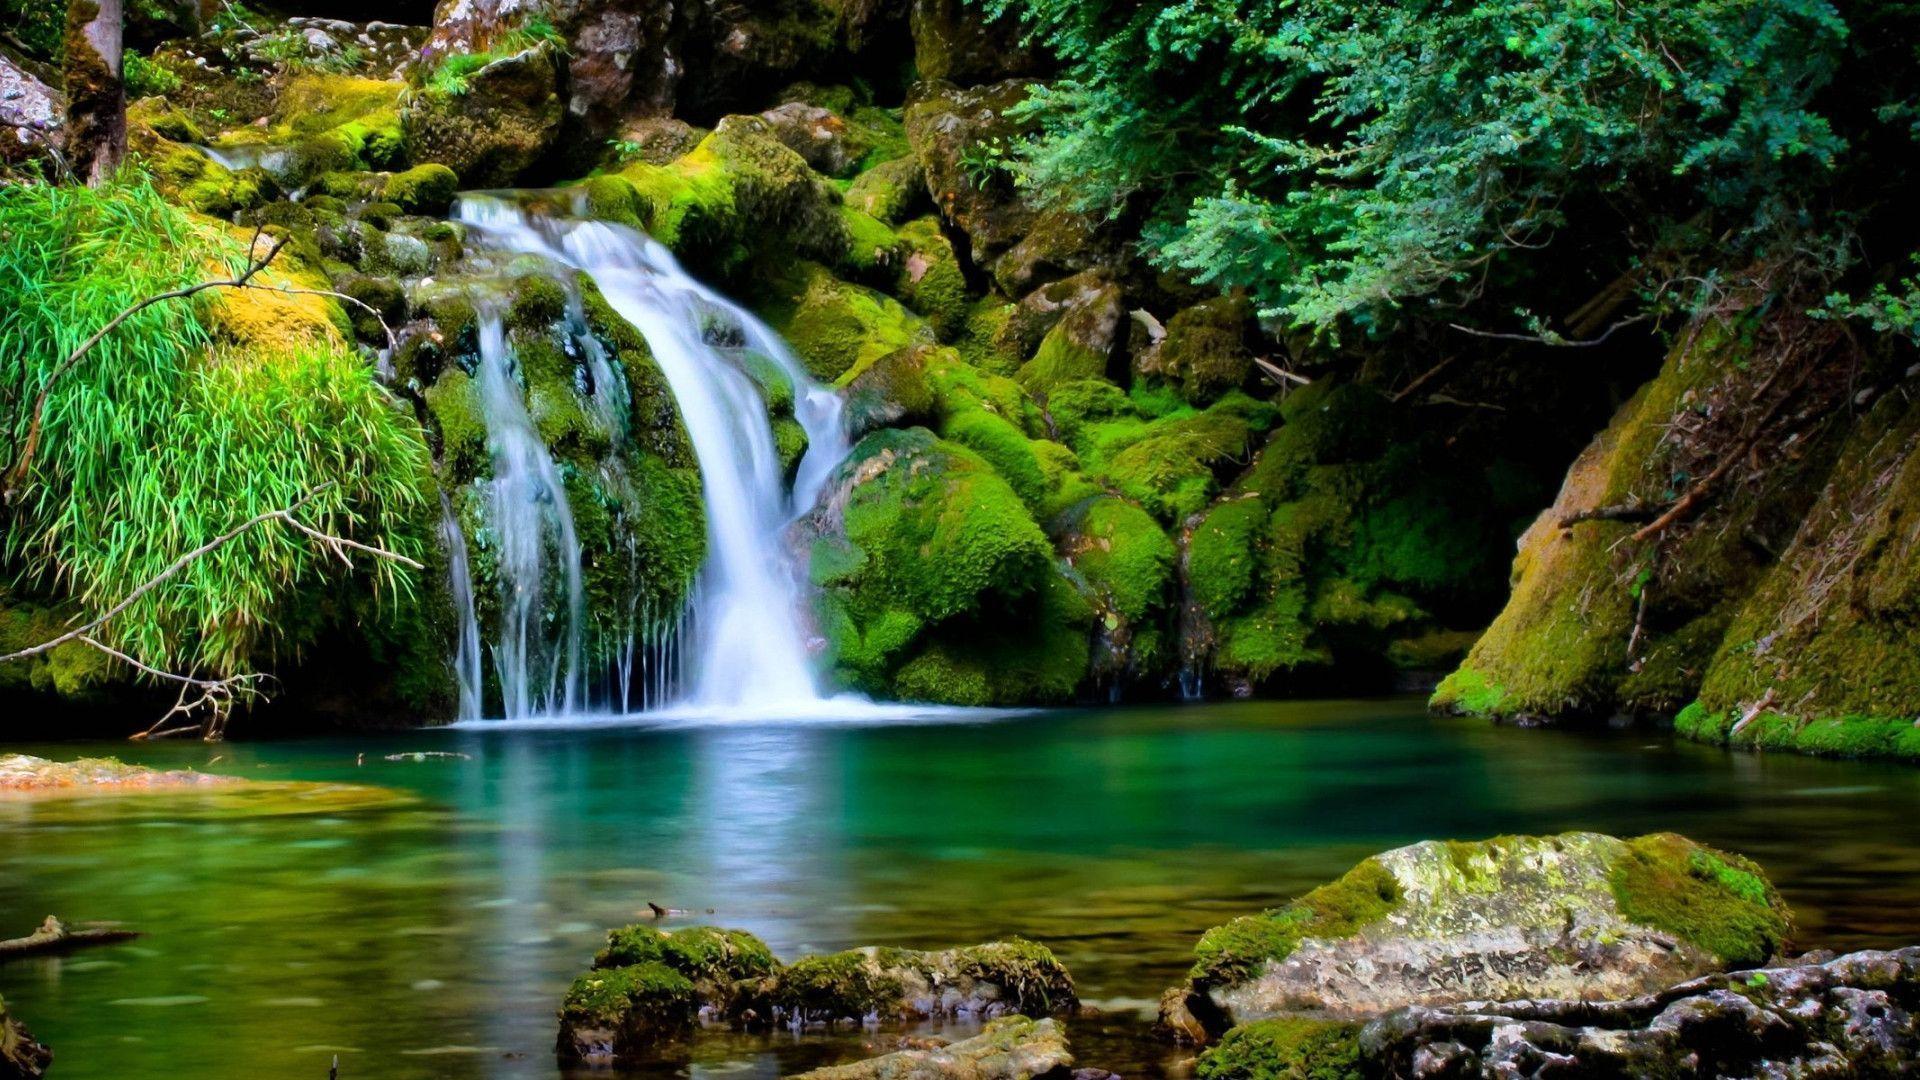 Desktop Background Images Nature